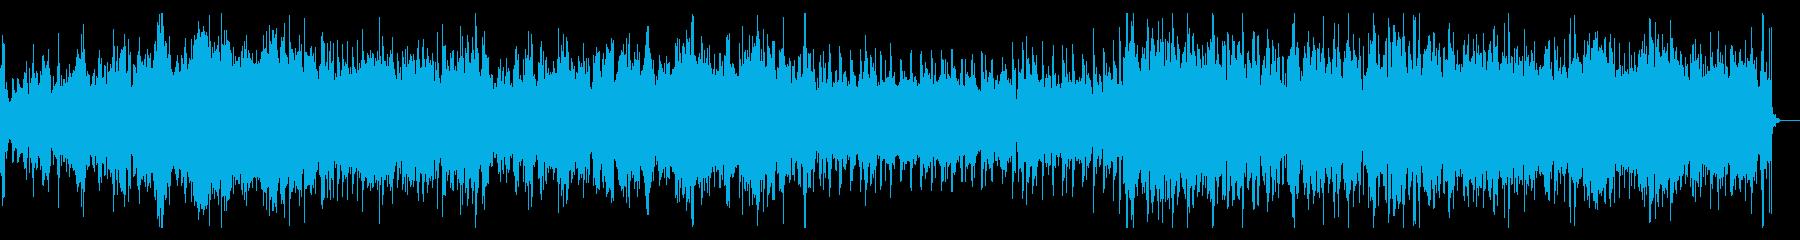 調性希薄でデジノイズなIDMビートの再生済みの波形